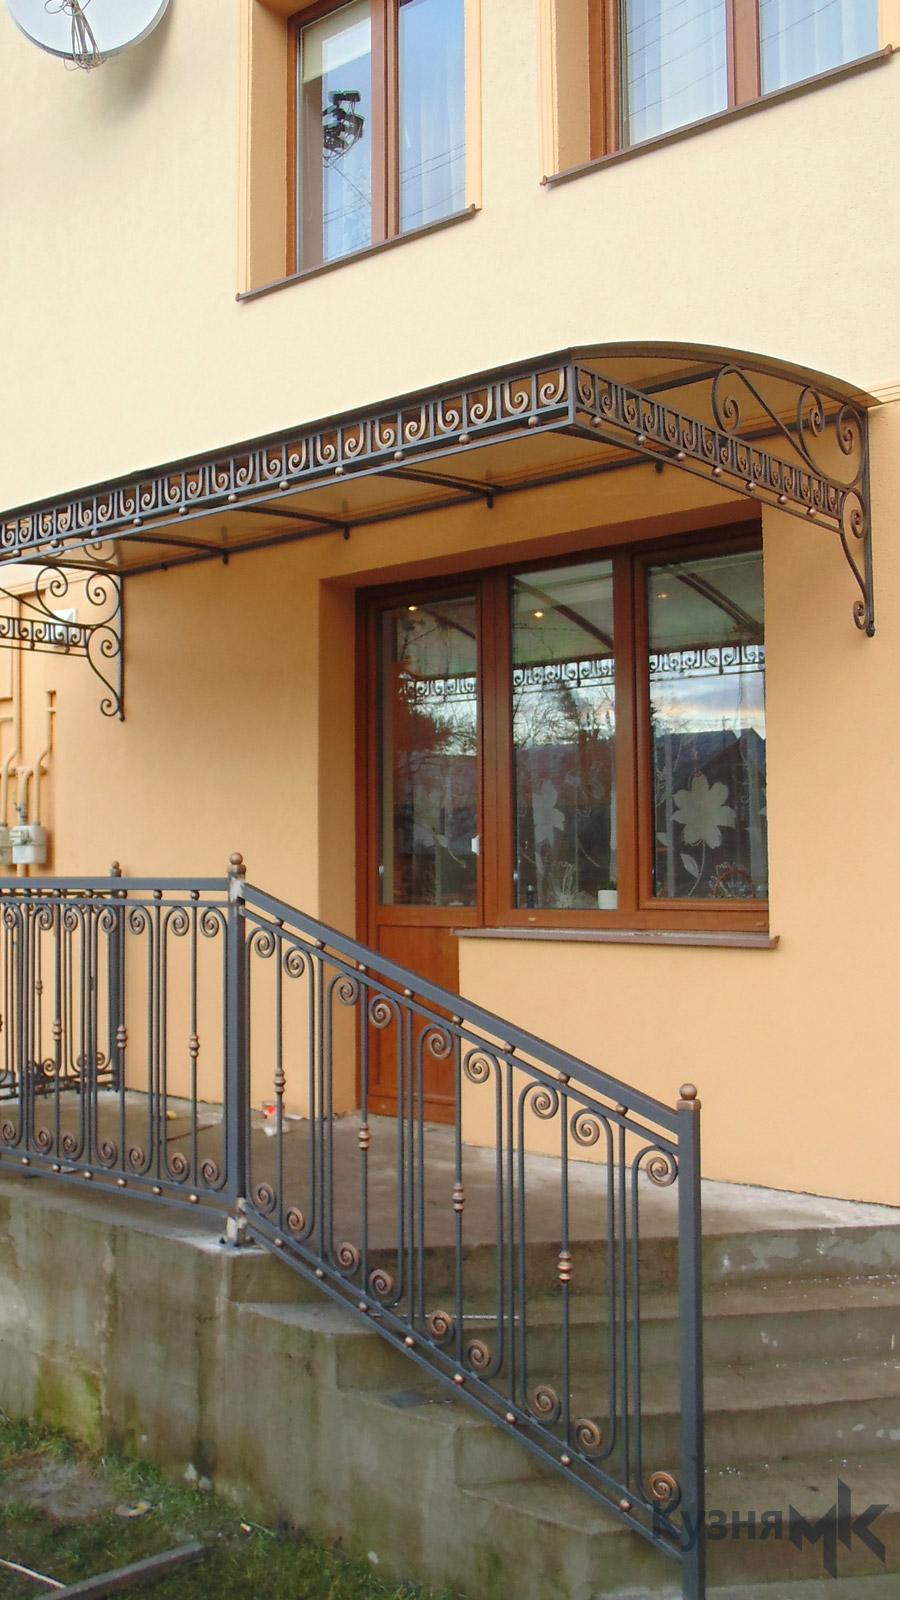 Кований дашок при вході в будинок